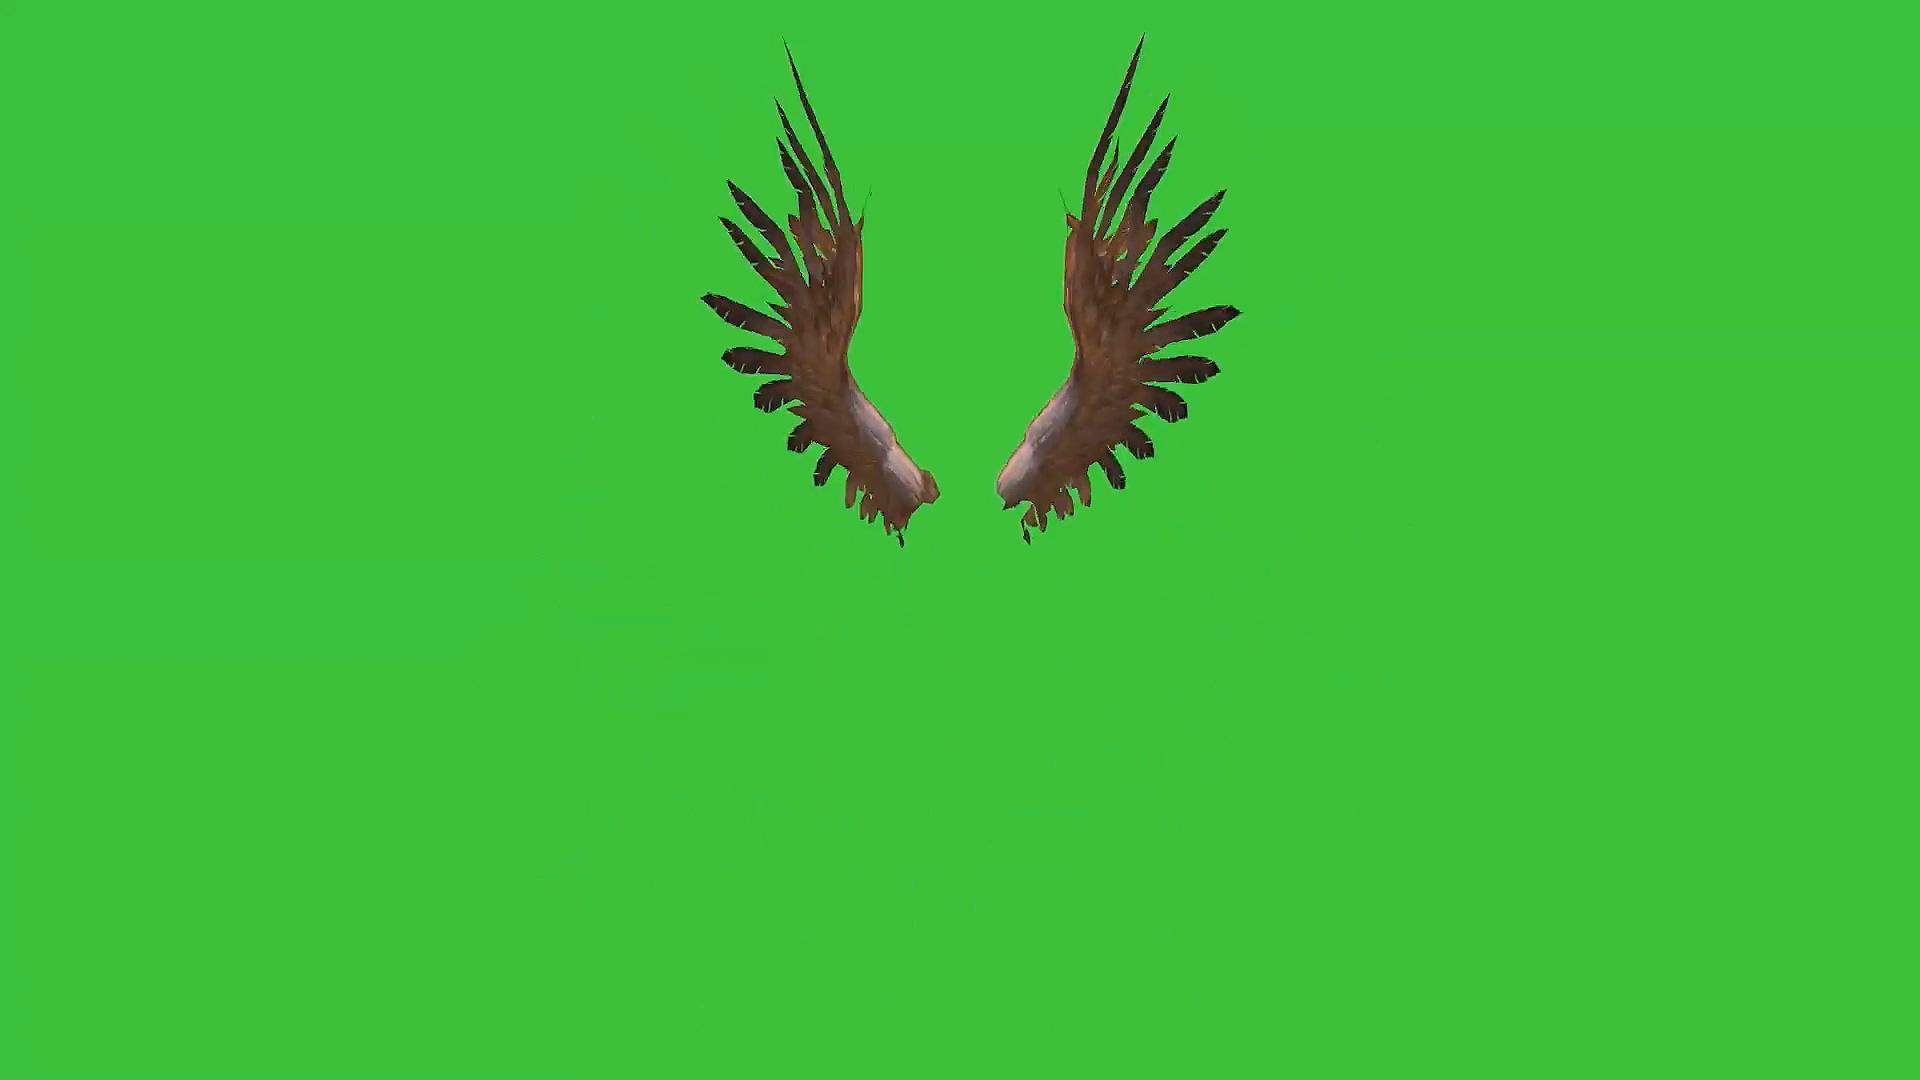 绿屏抠像挥舞的翅膀